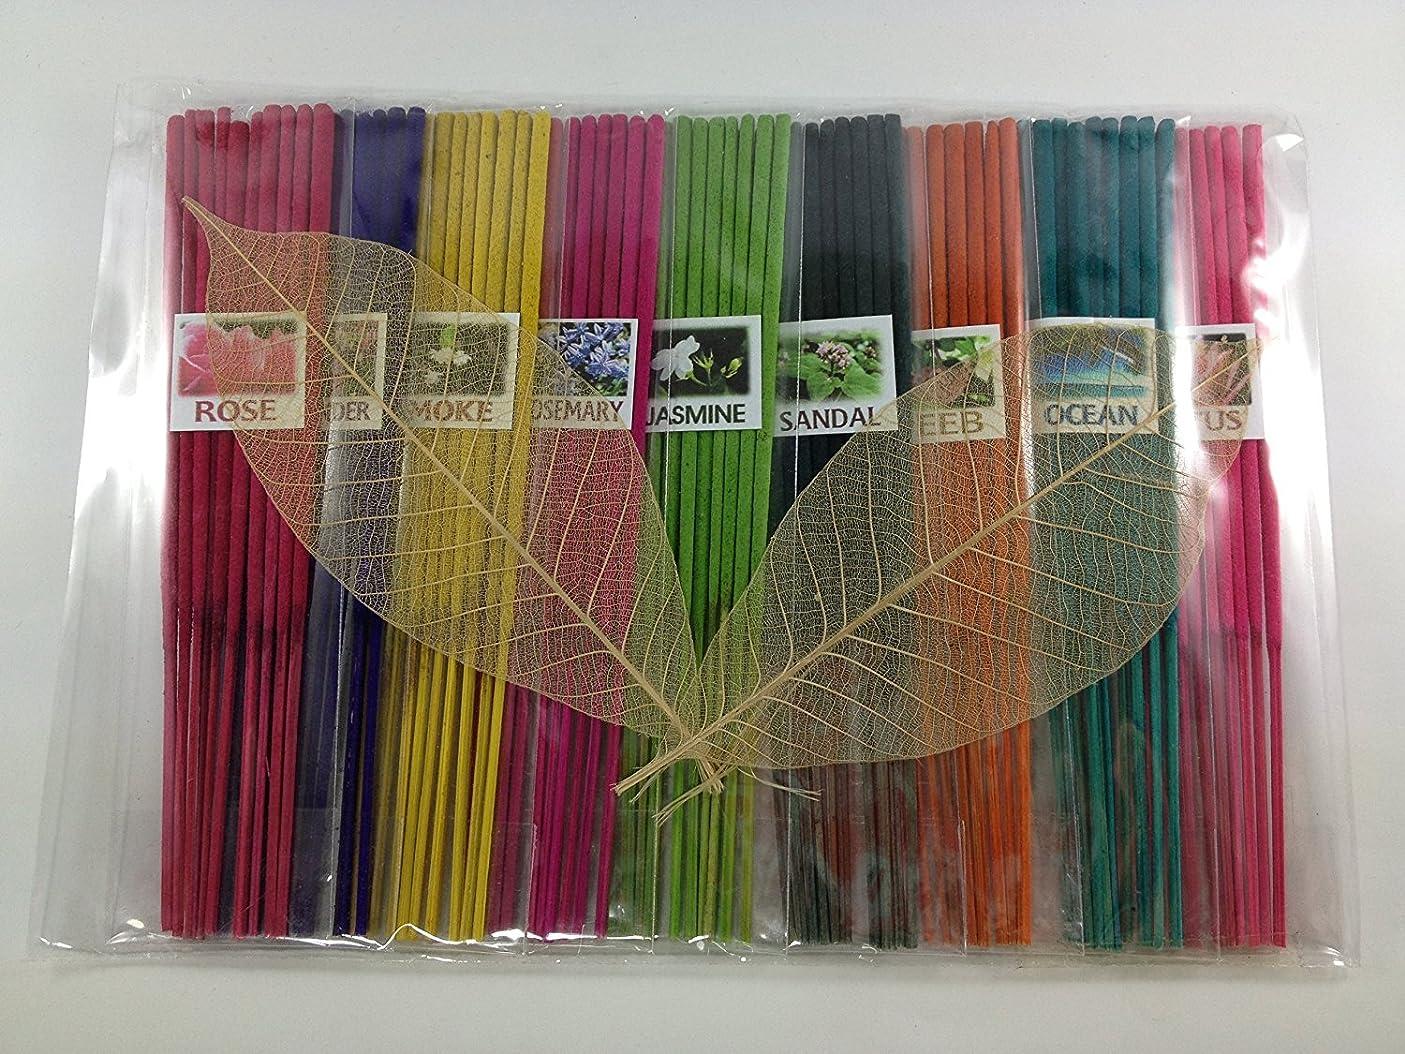 打ち負かす満足できるトレイThai Incense Sticks with 9 Aroma Smell - Moke Rosemary Jasmine Sandal Lotus Ocean Rose Lavender Peeb.